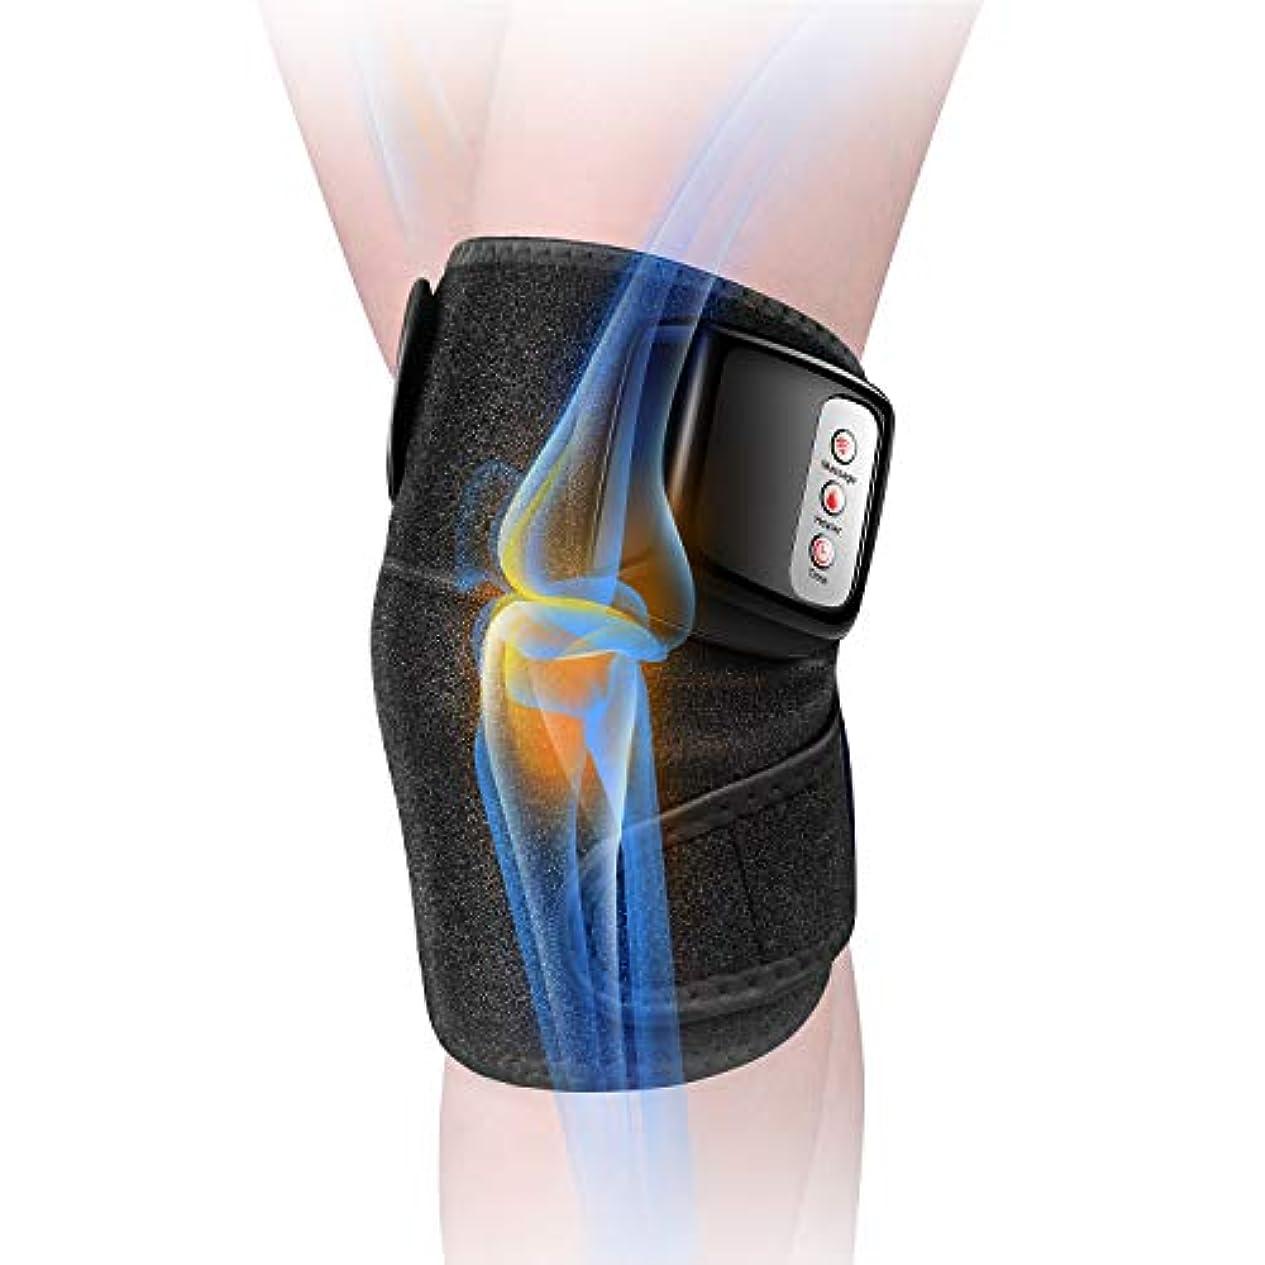 中間特定の手つかずの膝マッサージャー 関節マッサージャー マッサージ器 フットマッサージャー 振動 赤外線療法 温熱療法 膝サポーター ストレス解消 肩 太もも/腕対応